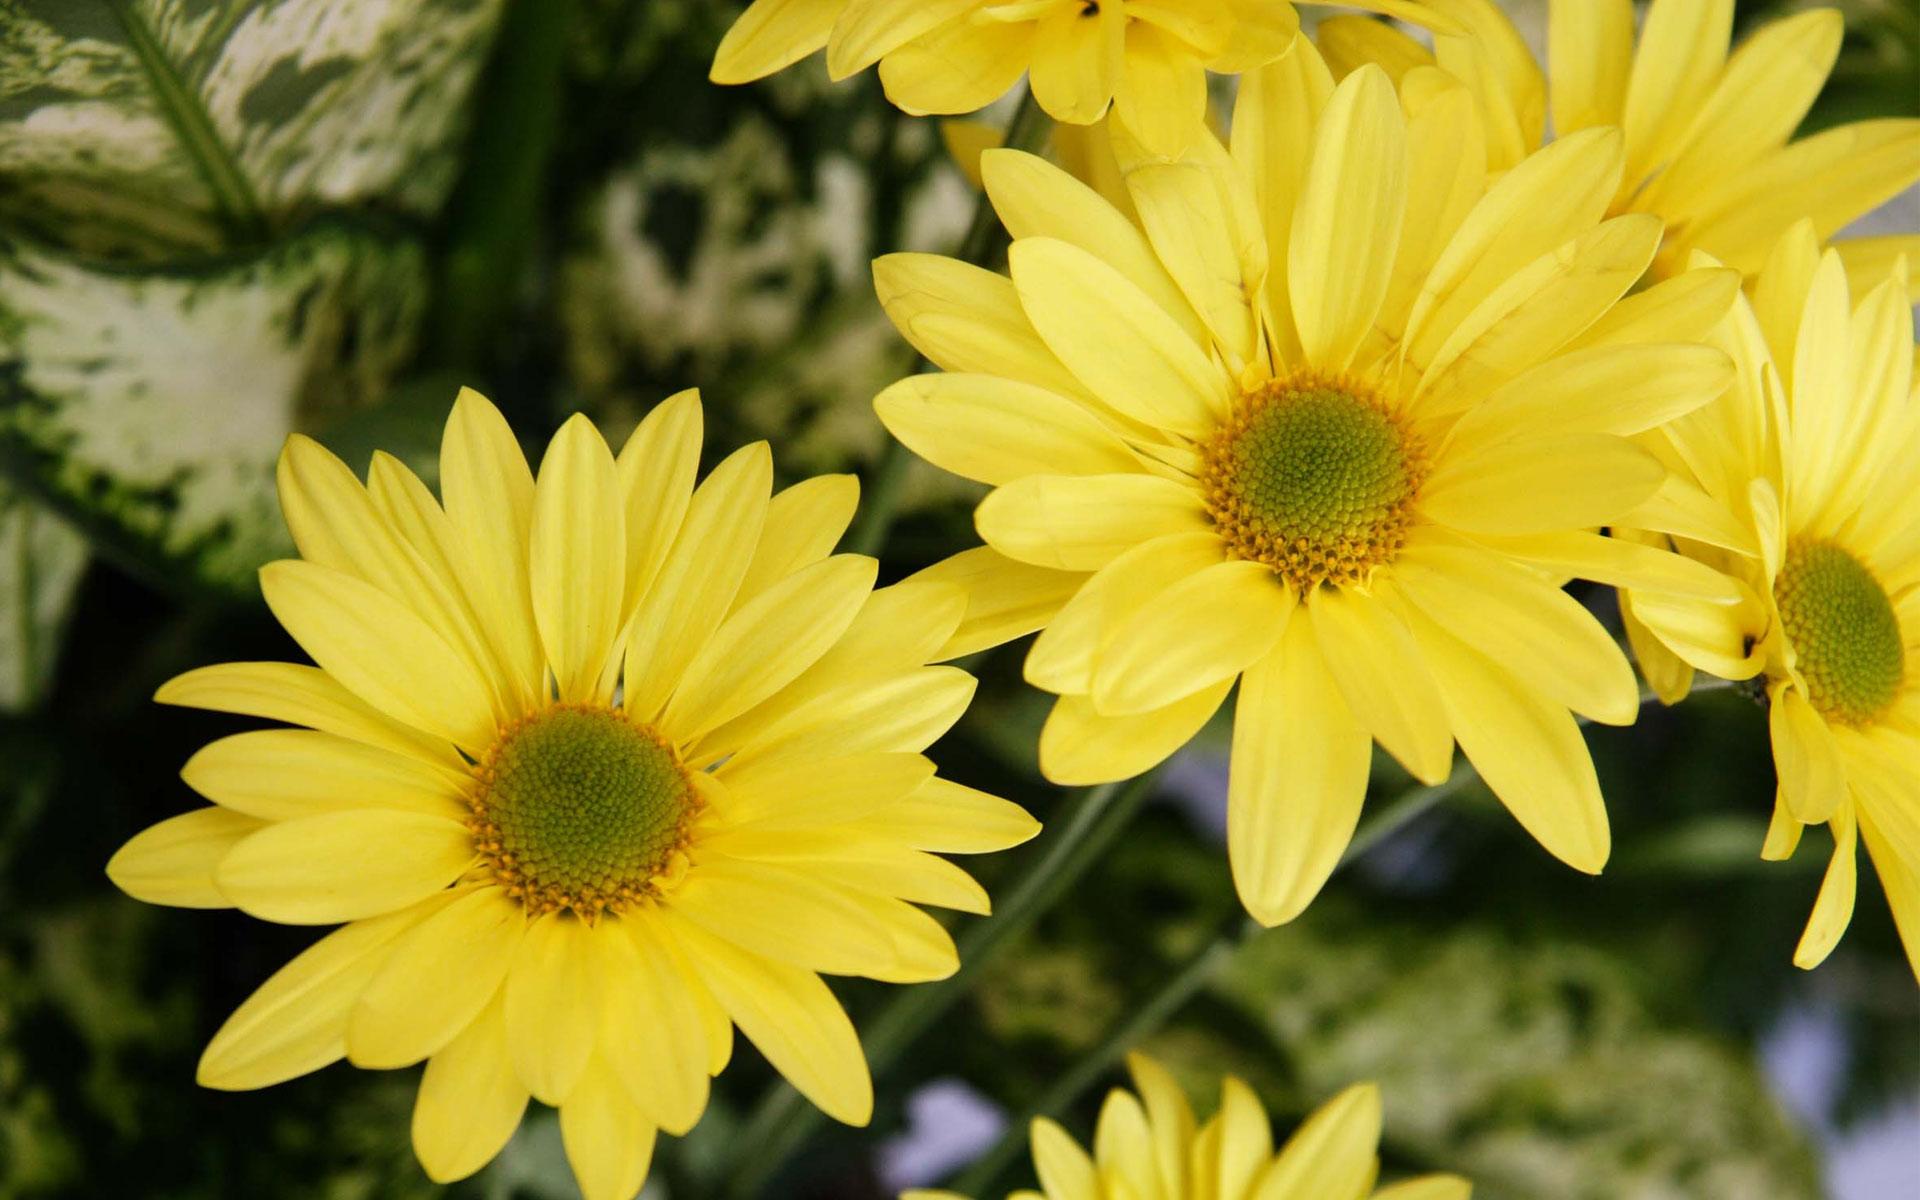 Hoa xuyến chi ảnh nền đẹp nhất